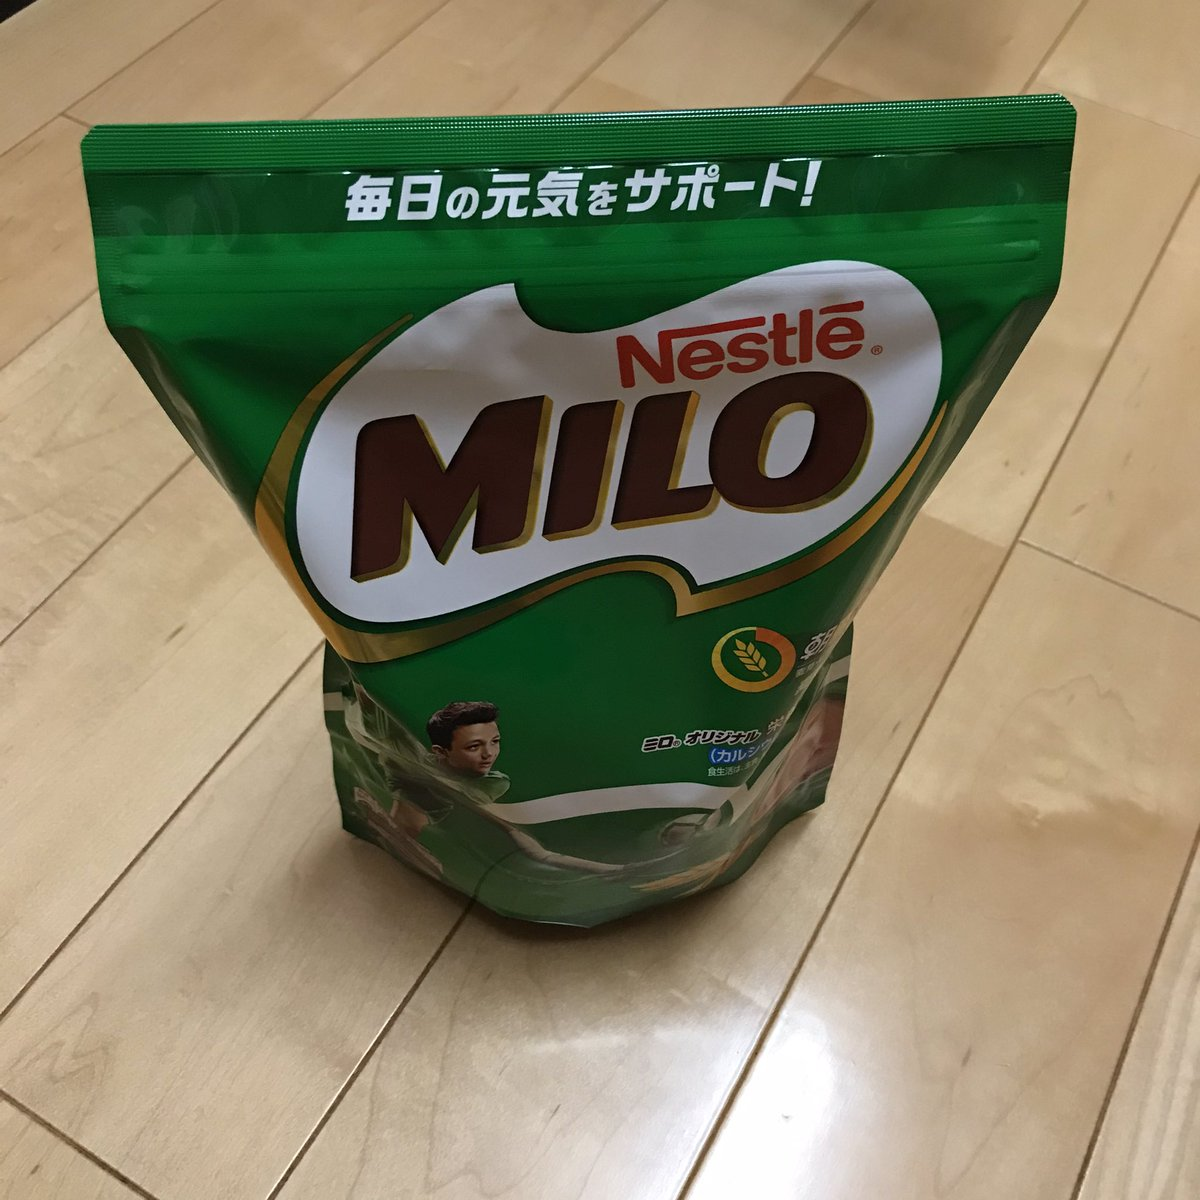 売り切れ ミロ